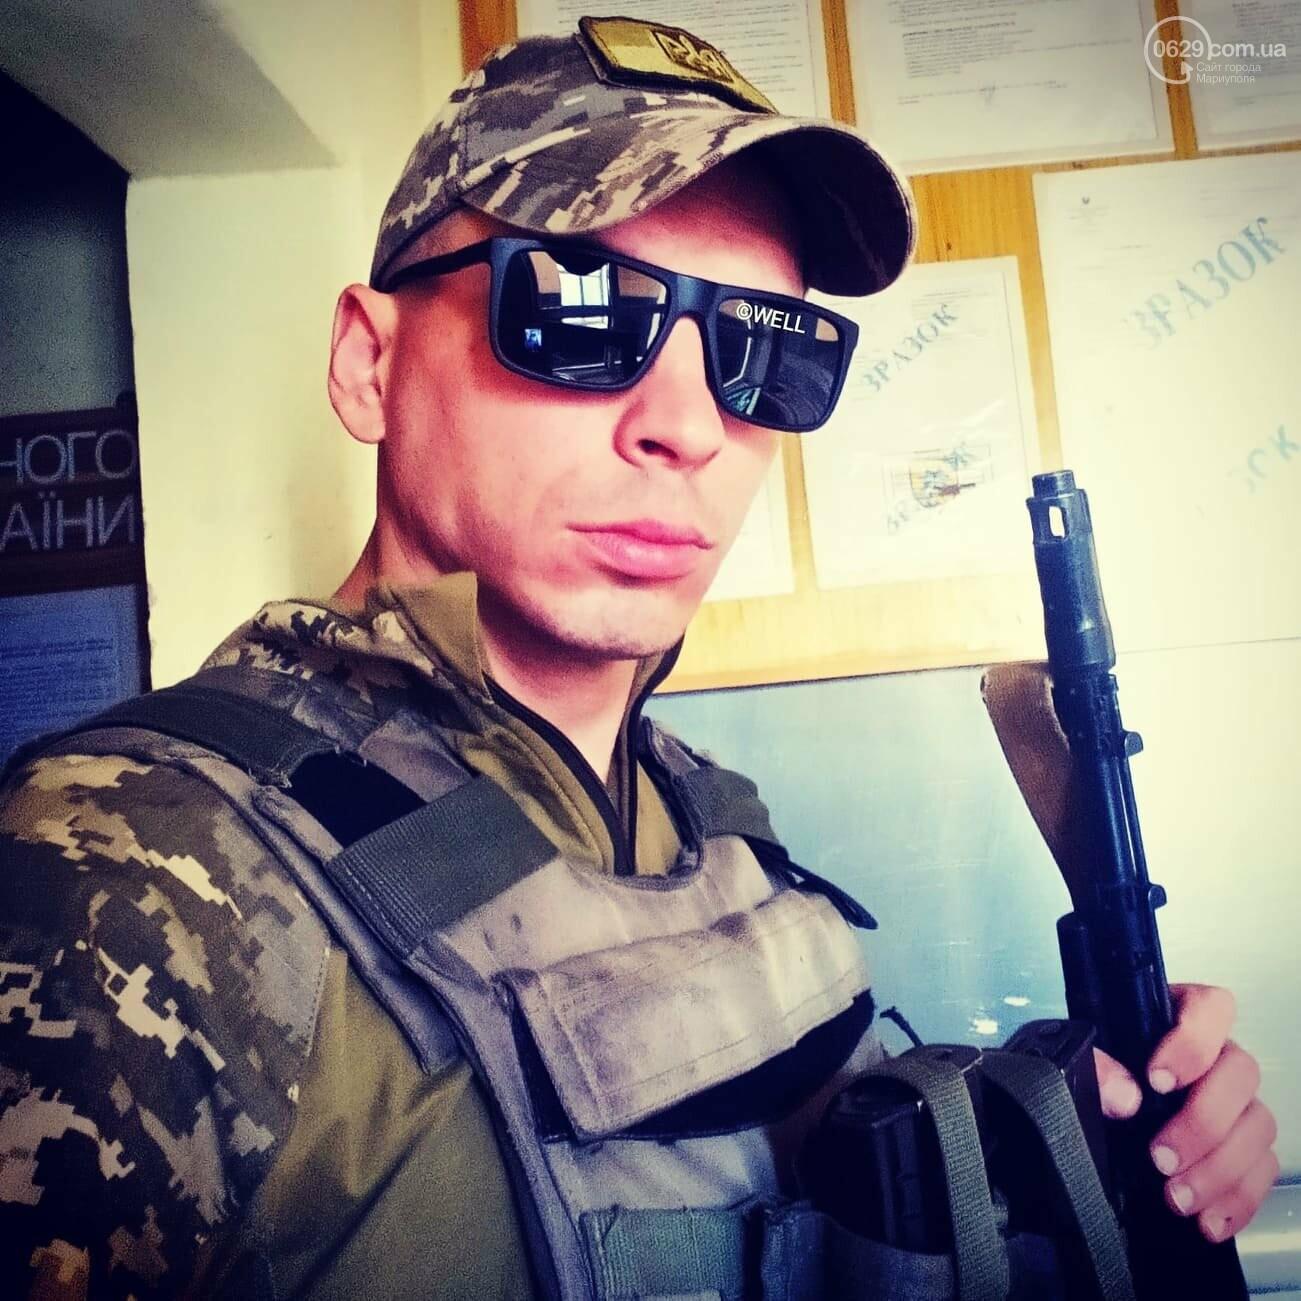 Хип-хоп на войне. Как мариуполец пошел в армию и стал читать рэп, - ФОТО+ВИДЕО , фото-4